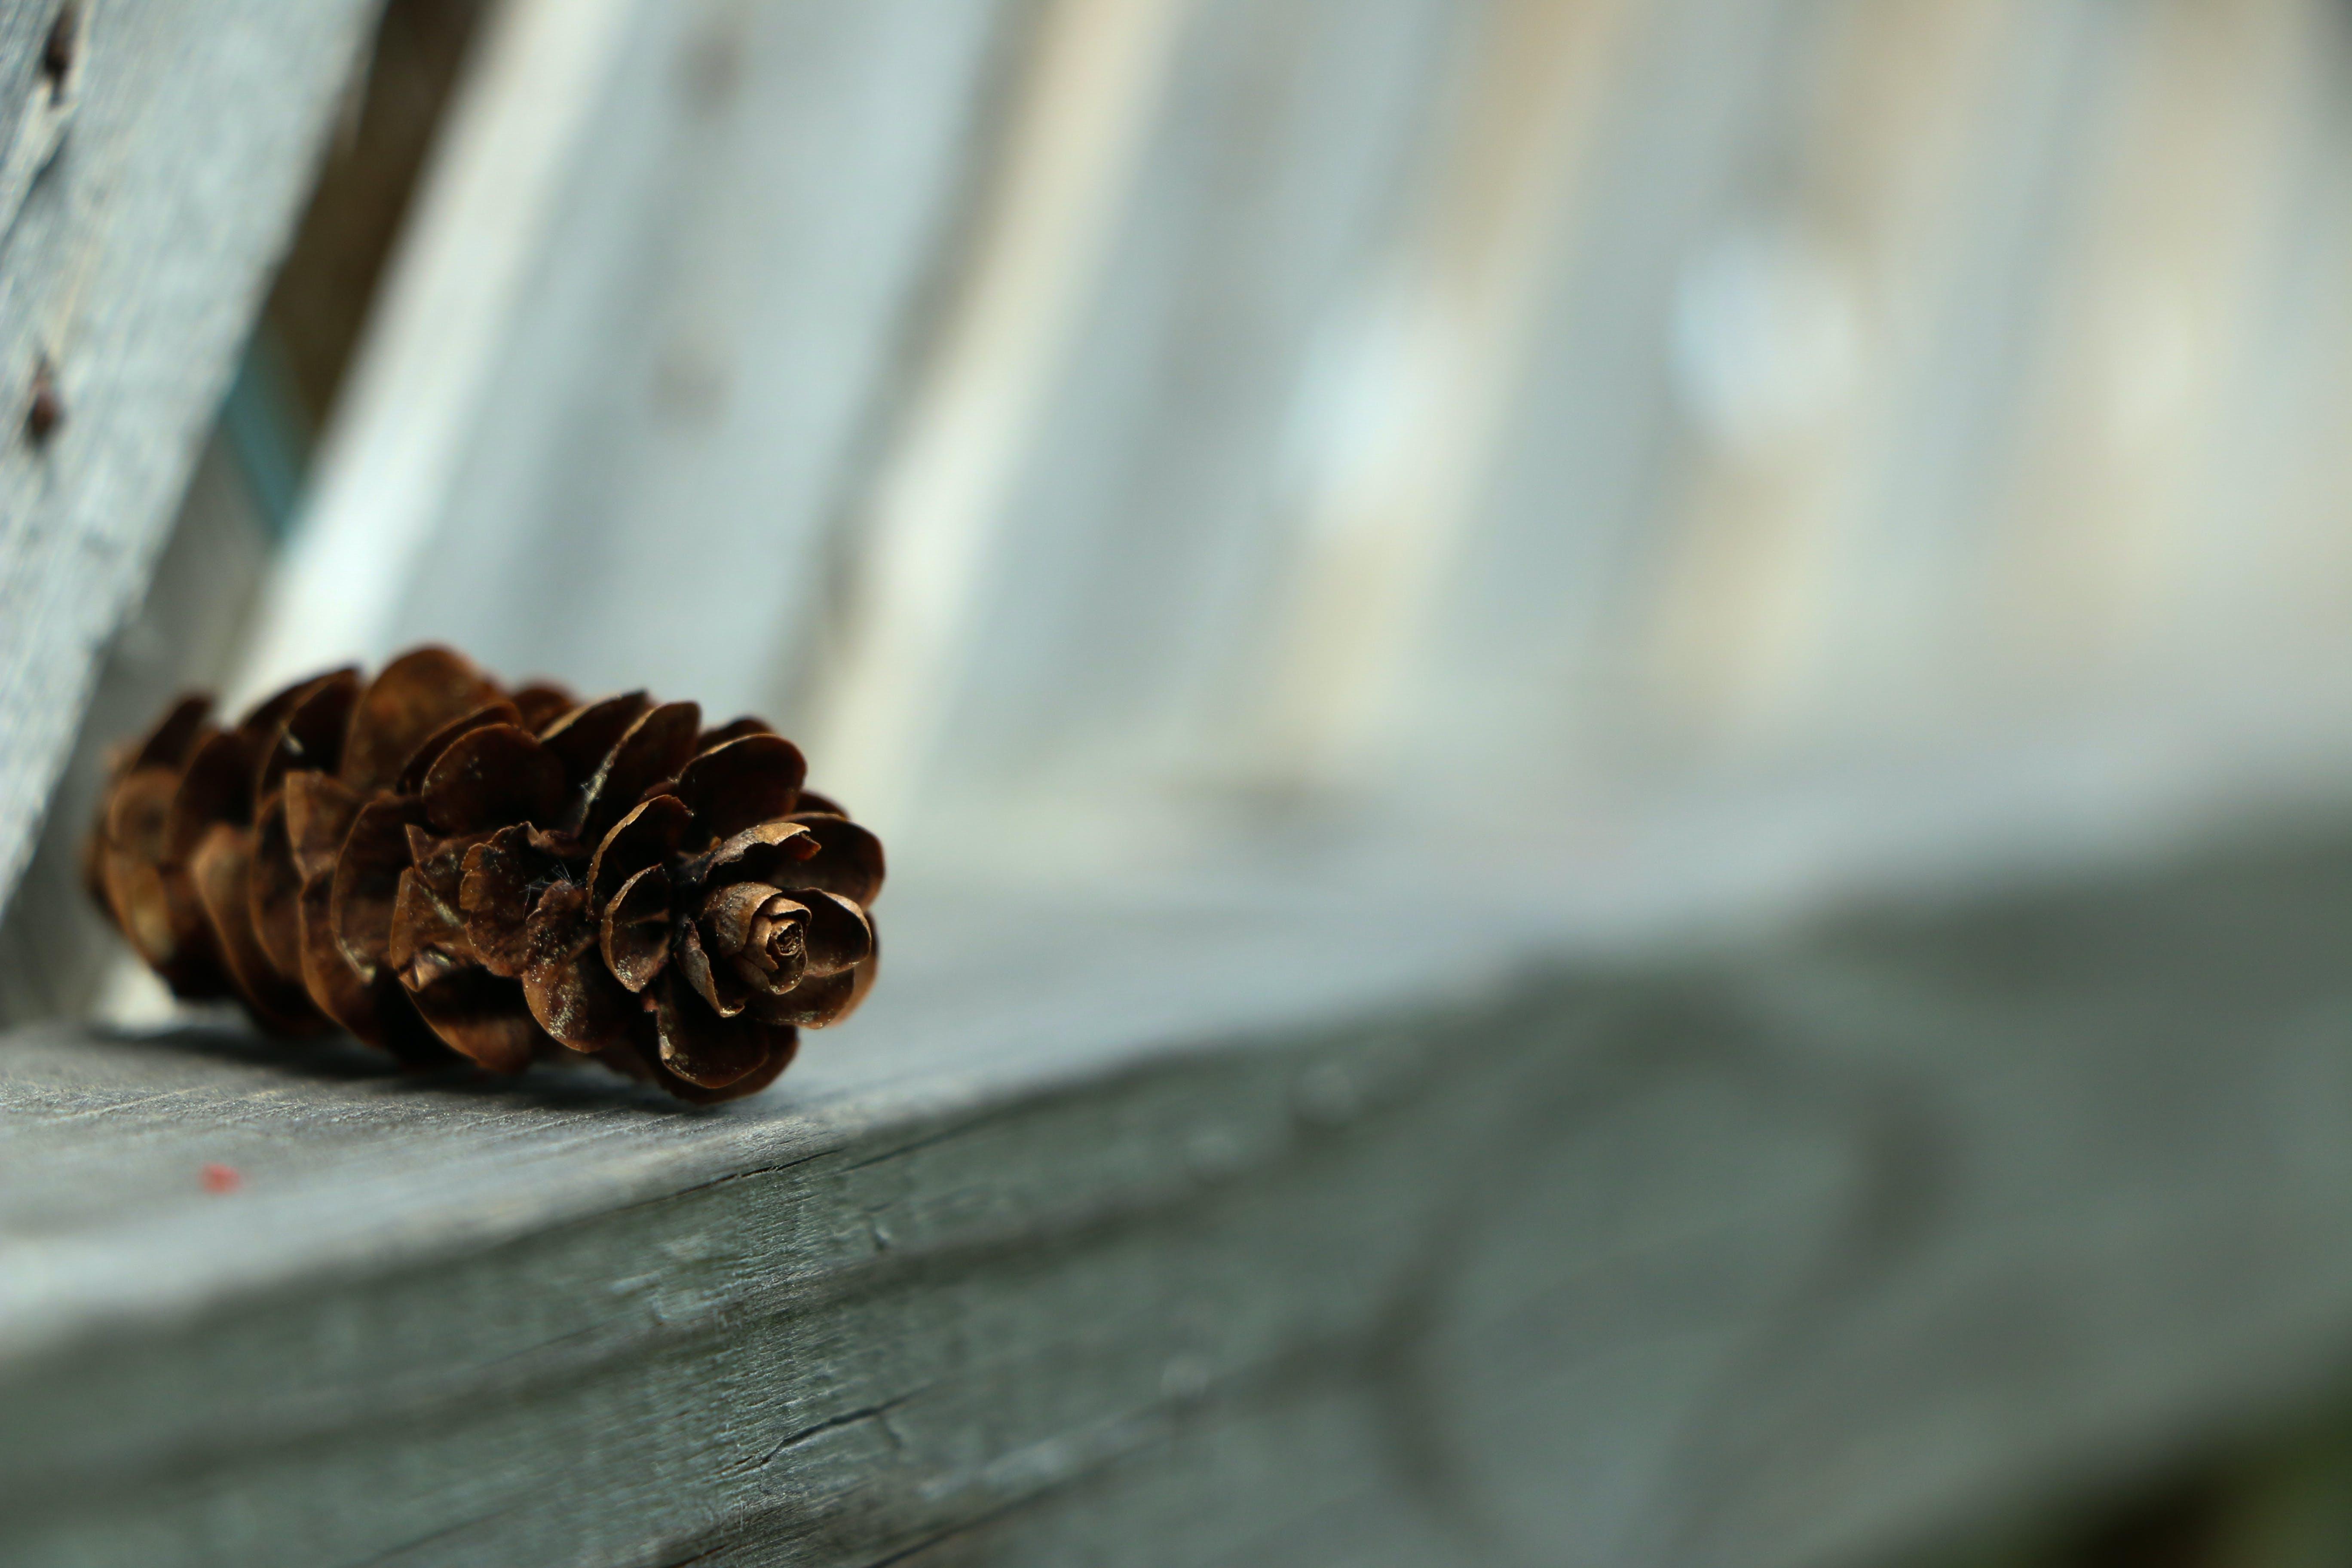 대자연, 솔방울, 자연의의 무료 스톡 사진